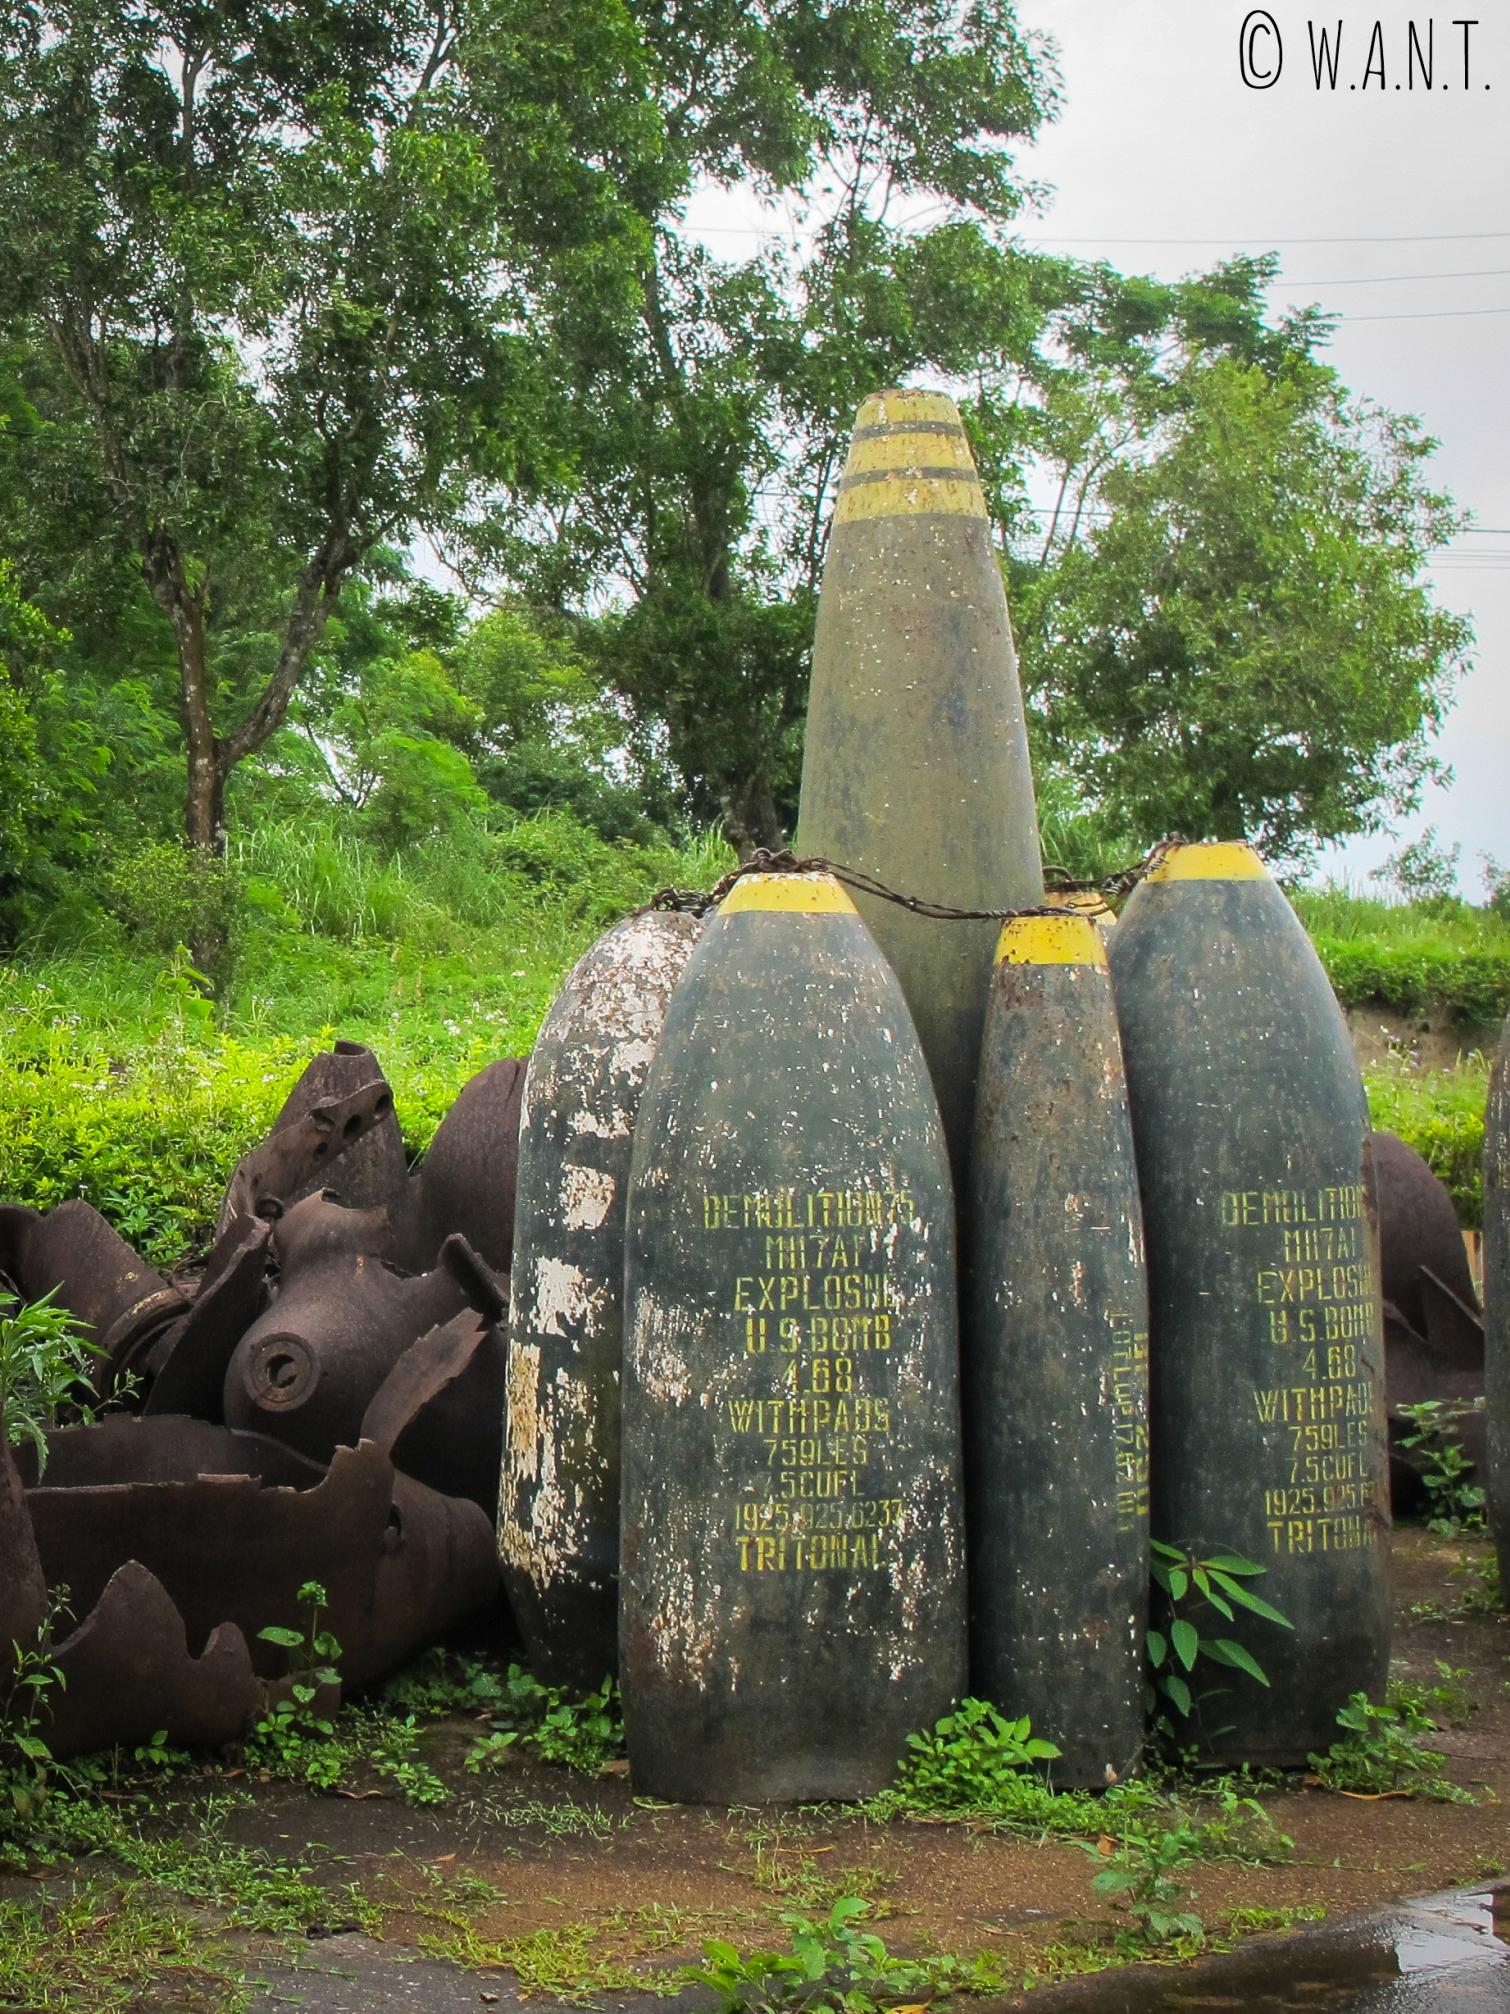 Restes de bombes exposés à l'ancienne base américaine de Khe Sanh